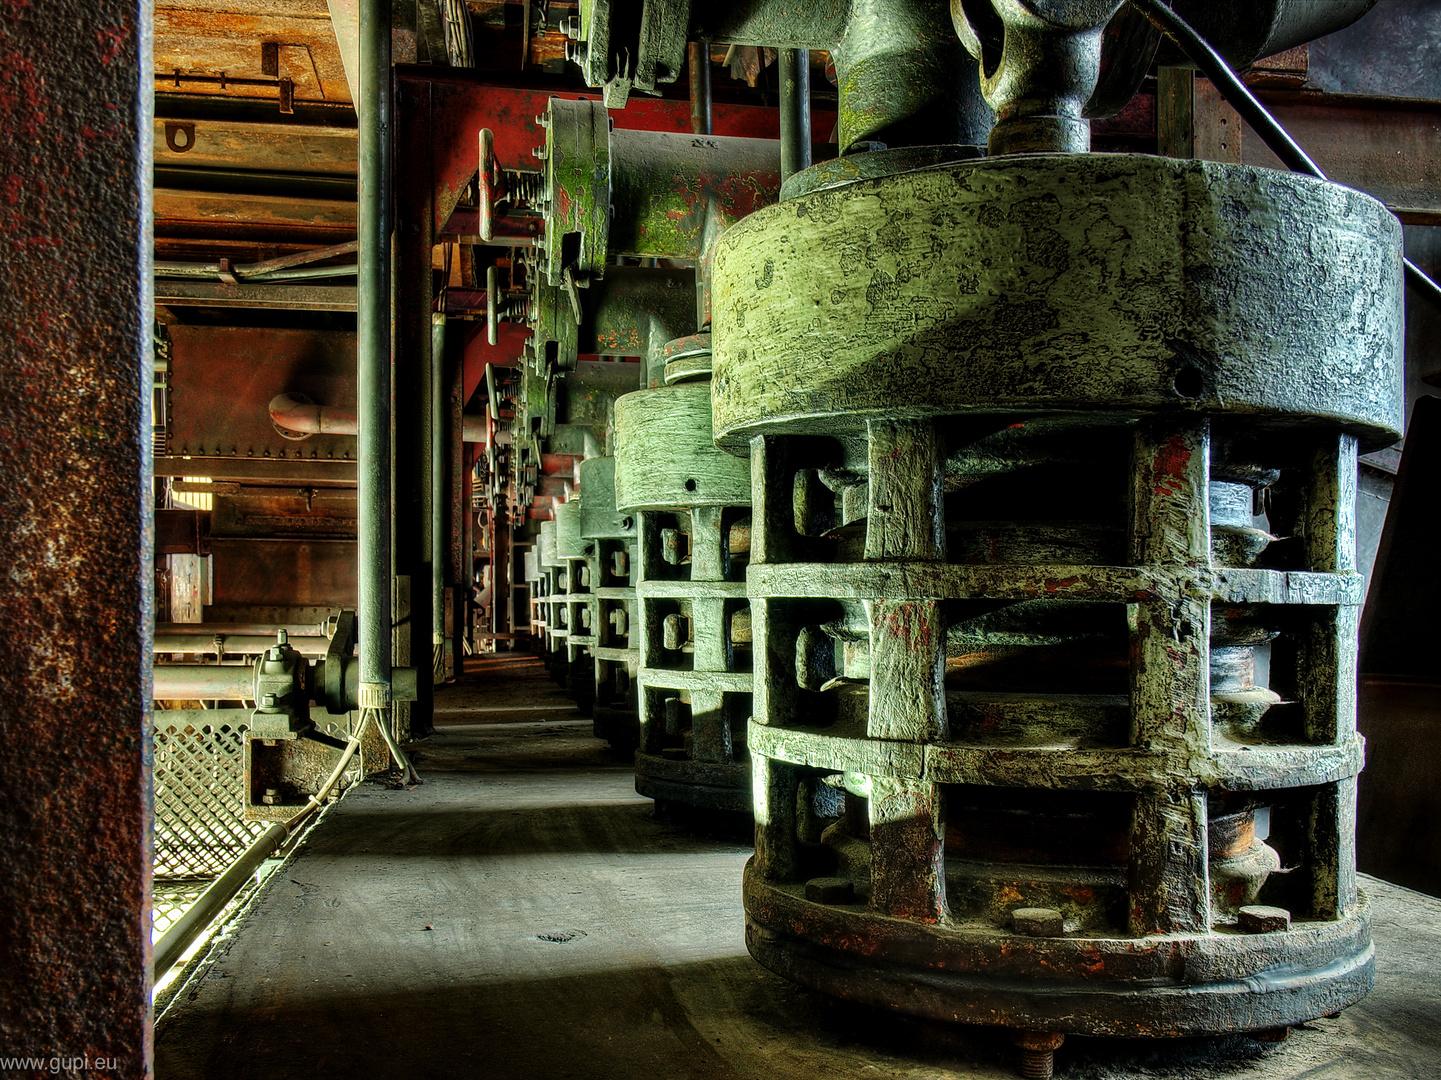 Zeche Zollverein, Kohlenwäsche das Letzte ...